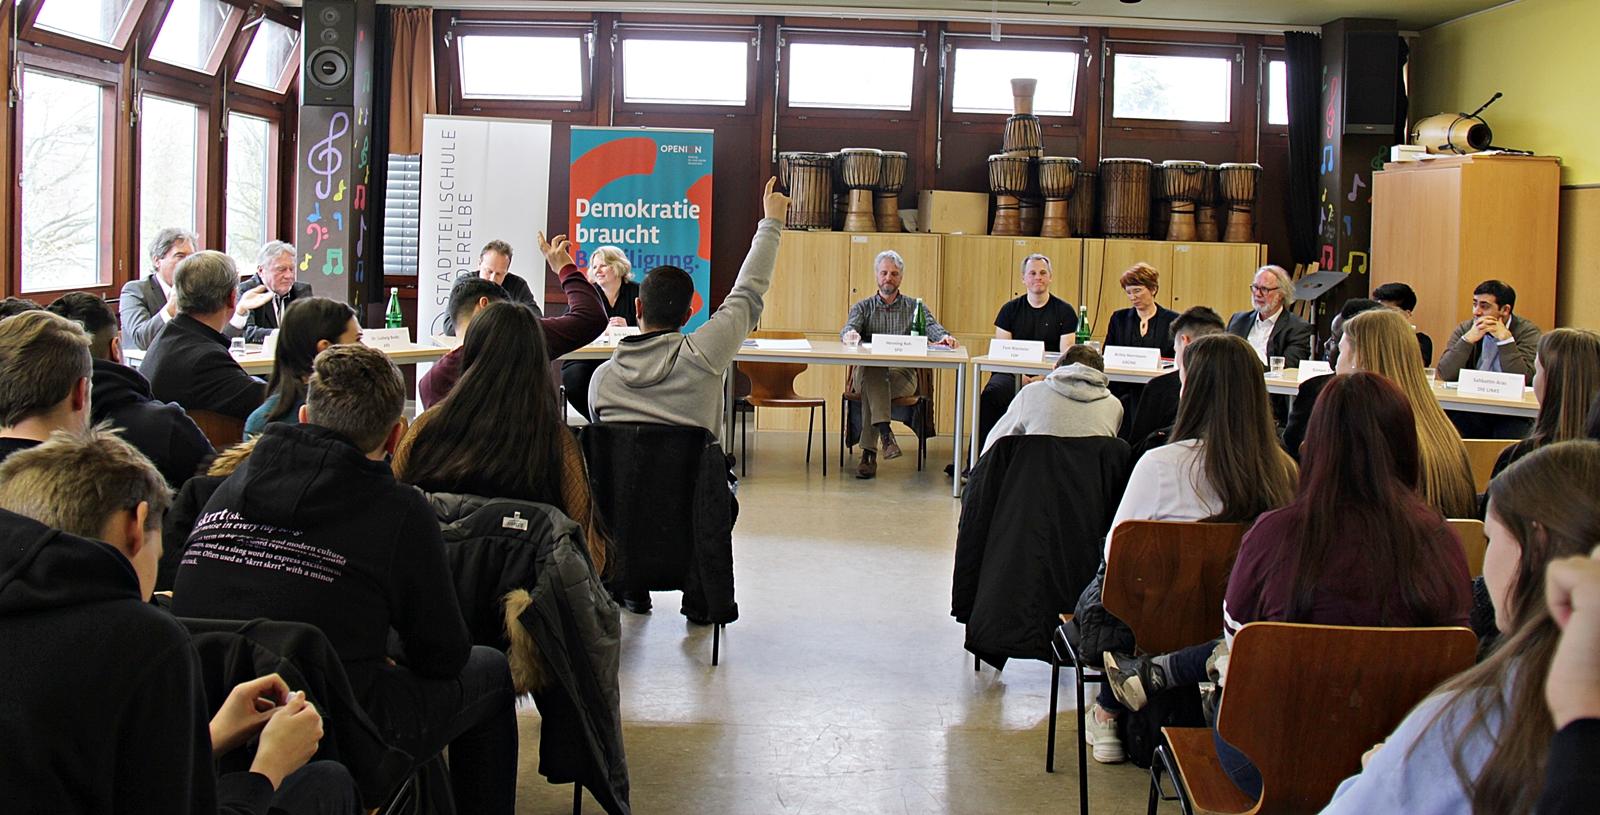 Anke Fock -Am 4.April trafen sich Bezirkspolitiker aller Fraktionen mit  Schülern der neunten Klasse zu einer Diskussion der auch Schüler aus weiteren neunten und zehnten Klassen zuhörten.